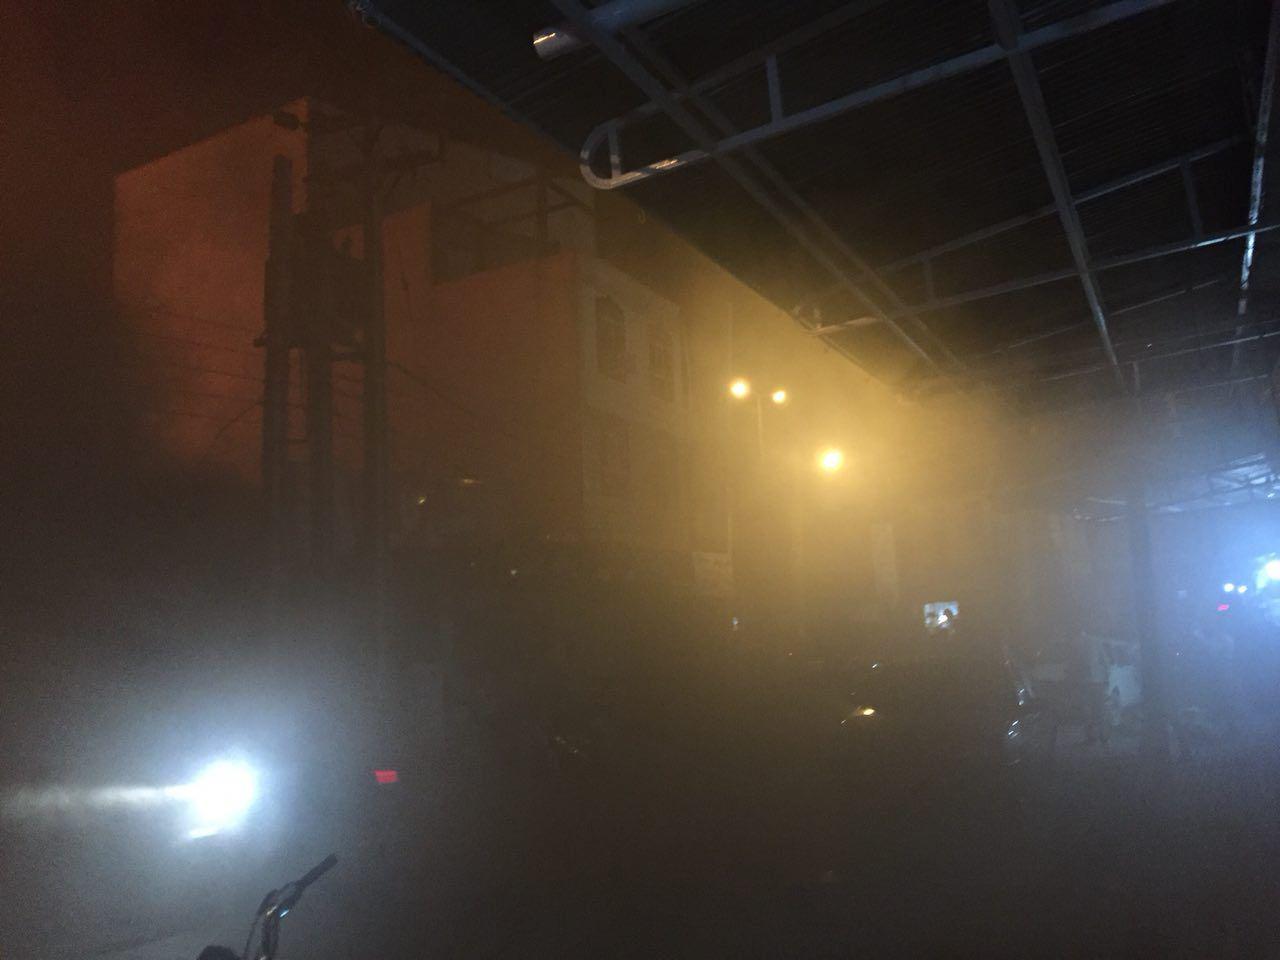 فوری  :   بخشهایی از بازار امام ایذه طعمه حریق شد (آتش سوزی) | خوزستان خبر